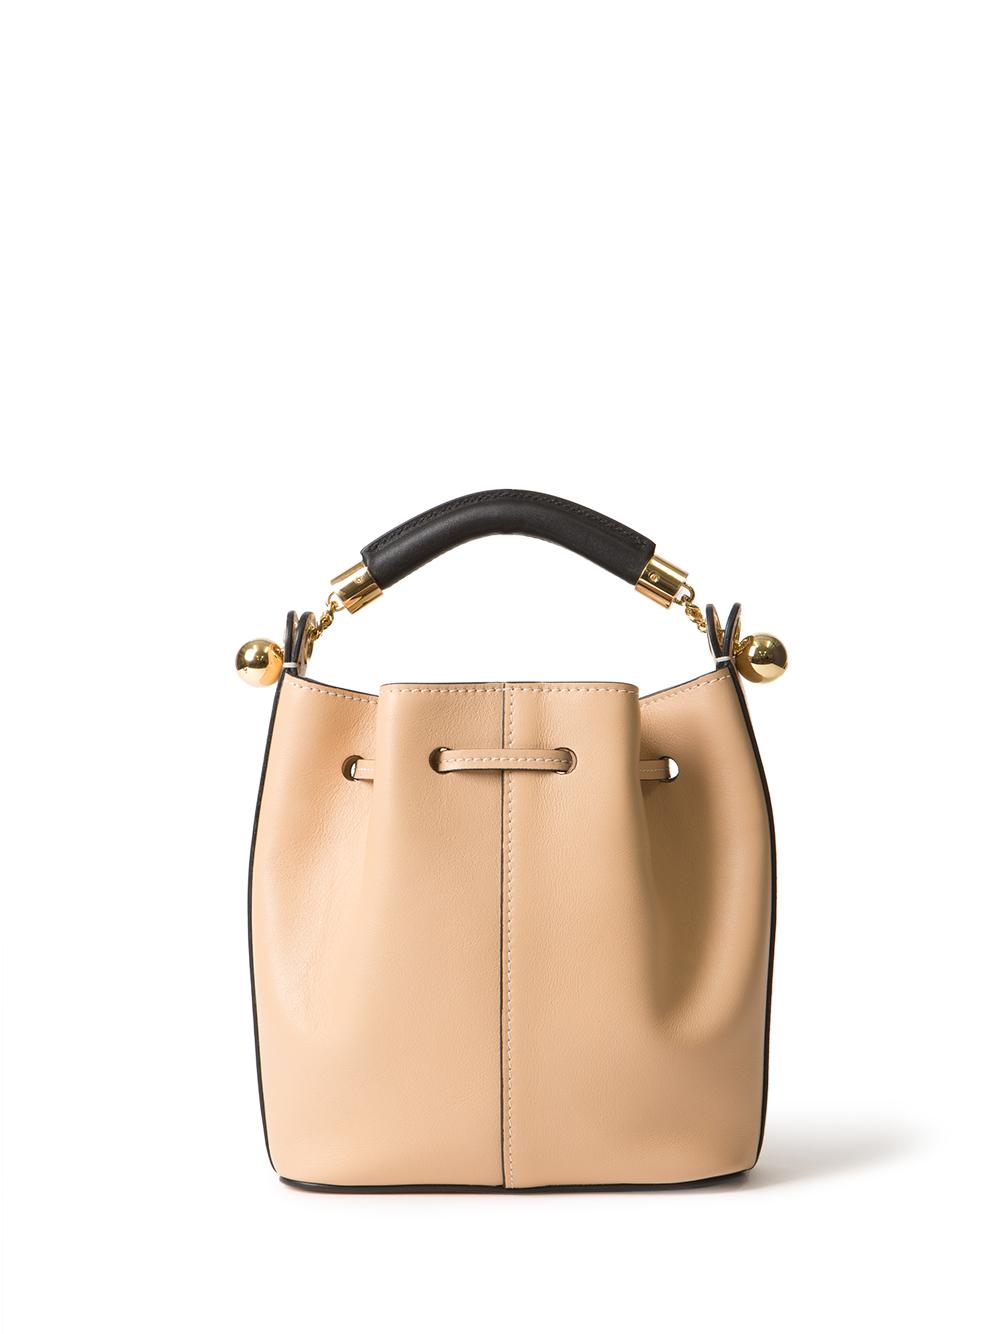 replica chloe marcie - Chlo�� Small Gala Bucket Bag in Beige | Lyst